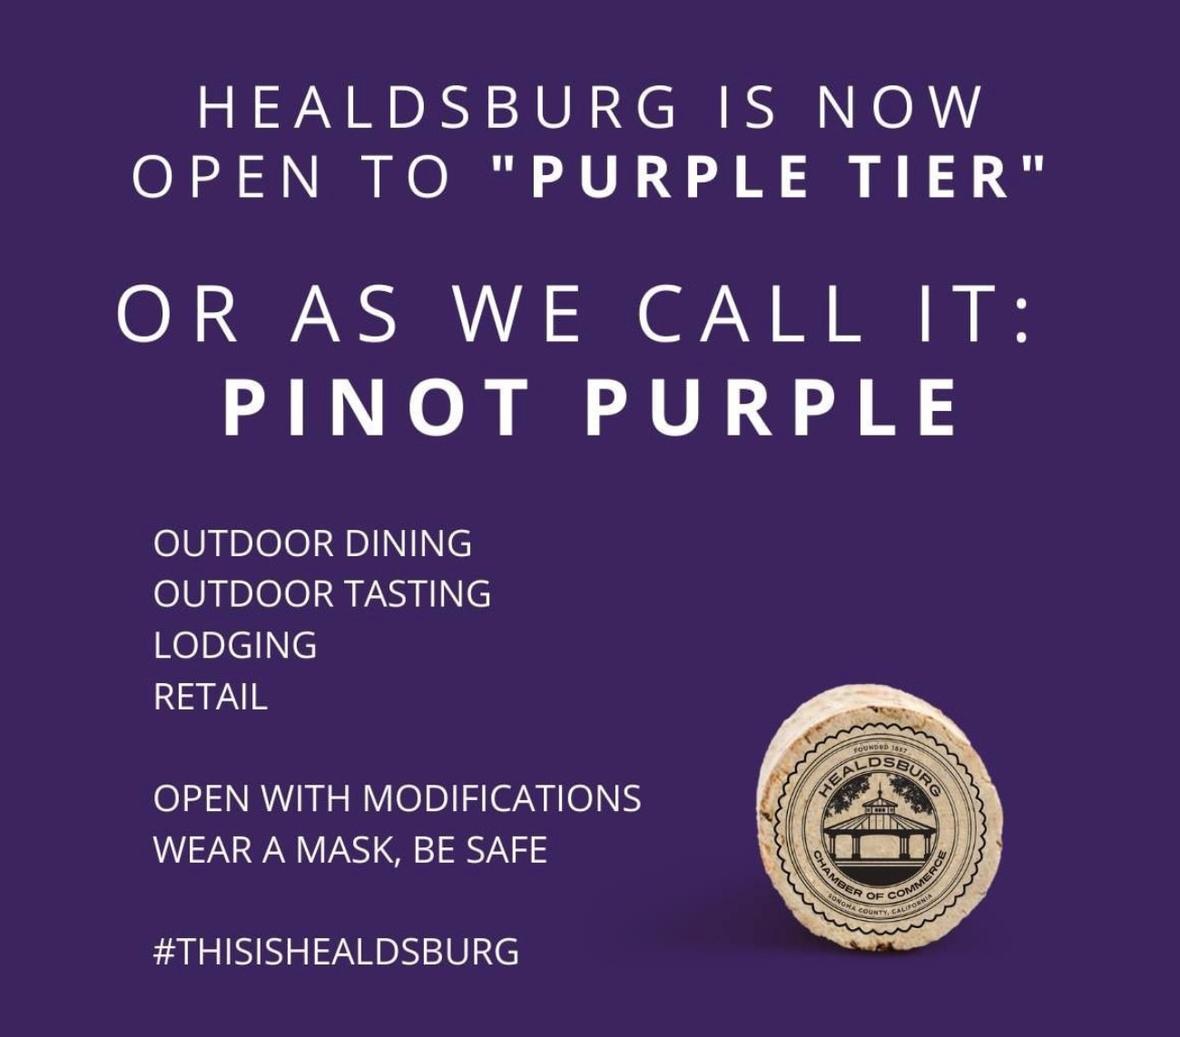 pinot purple